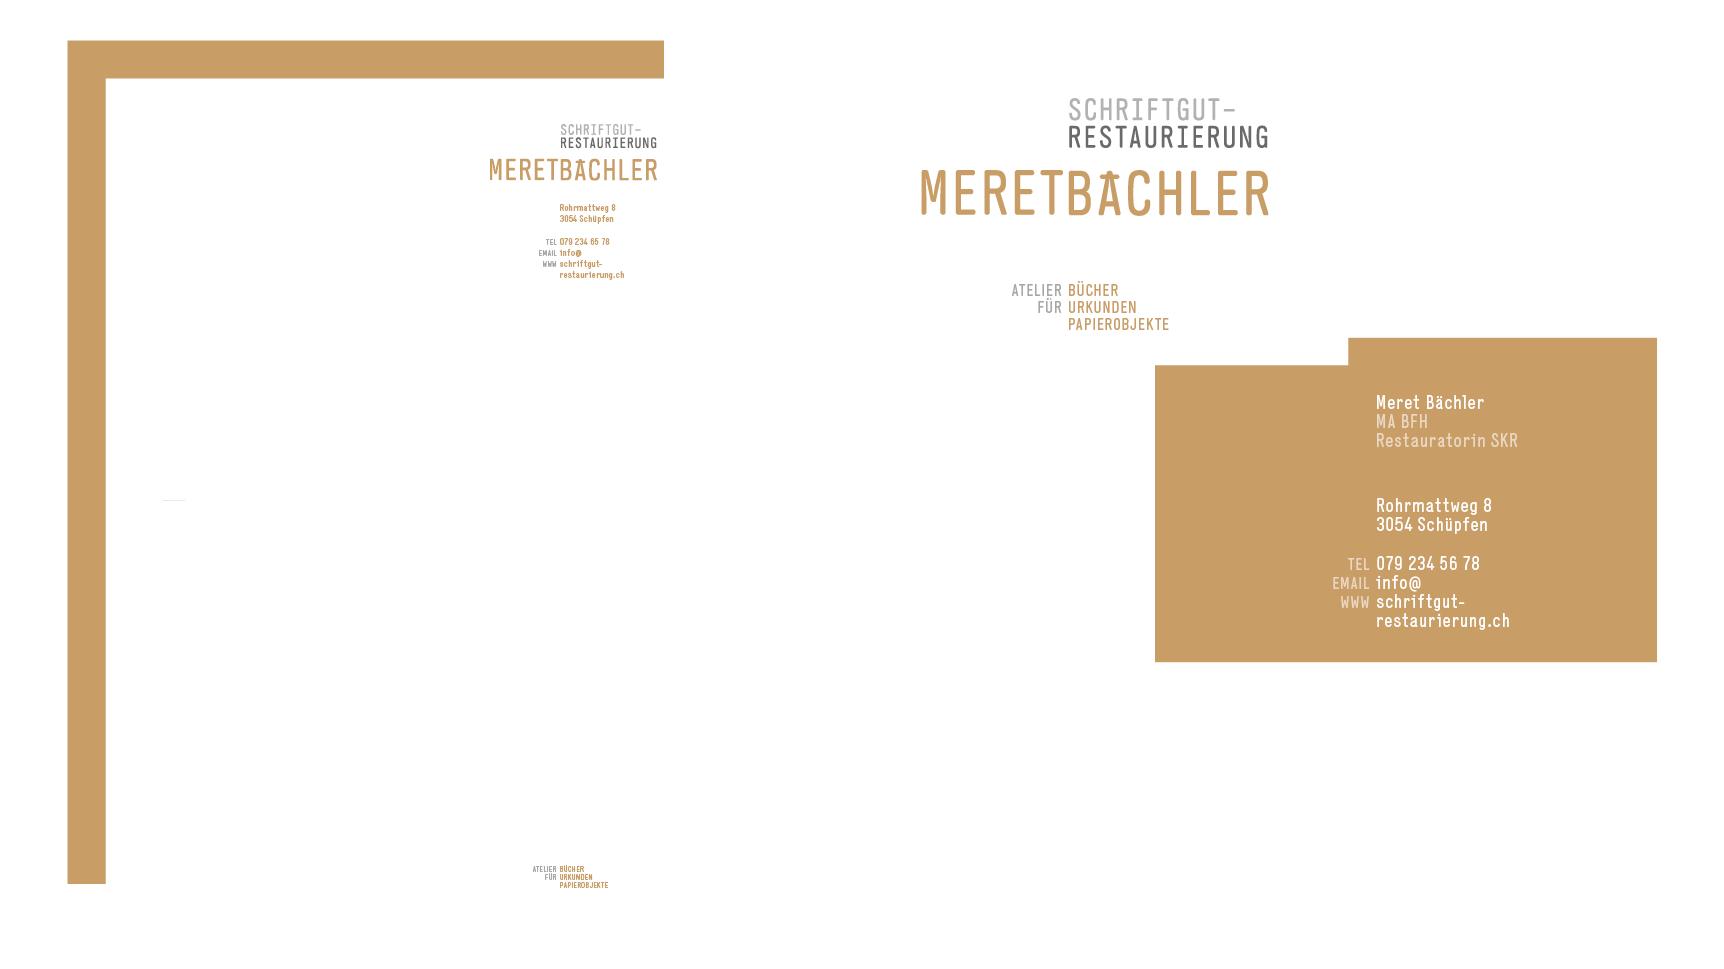 Schriftgut-Restaurierung Meret Bächler